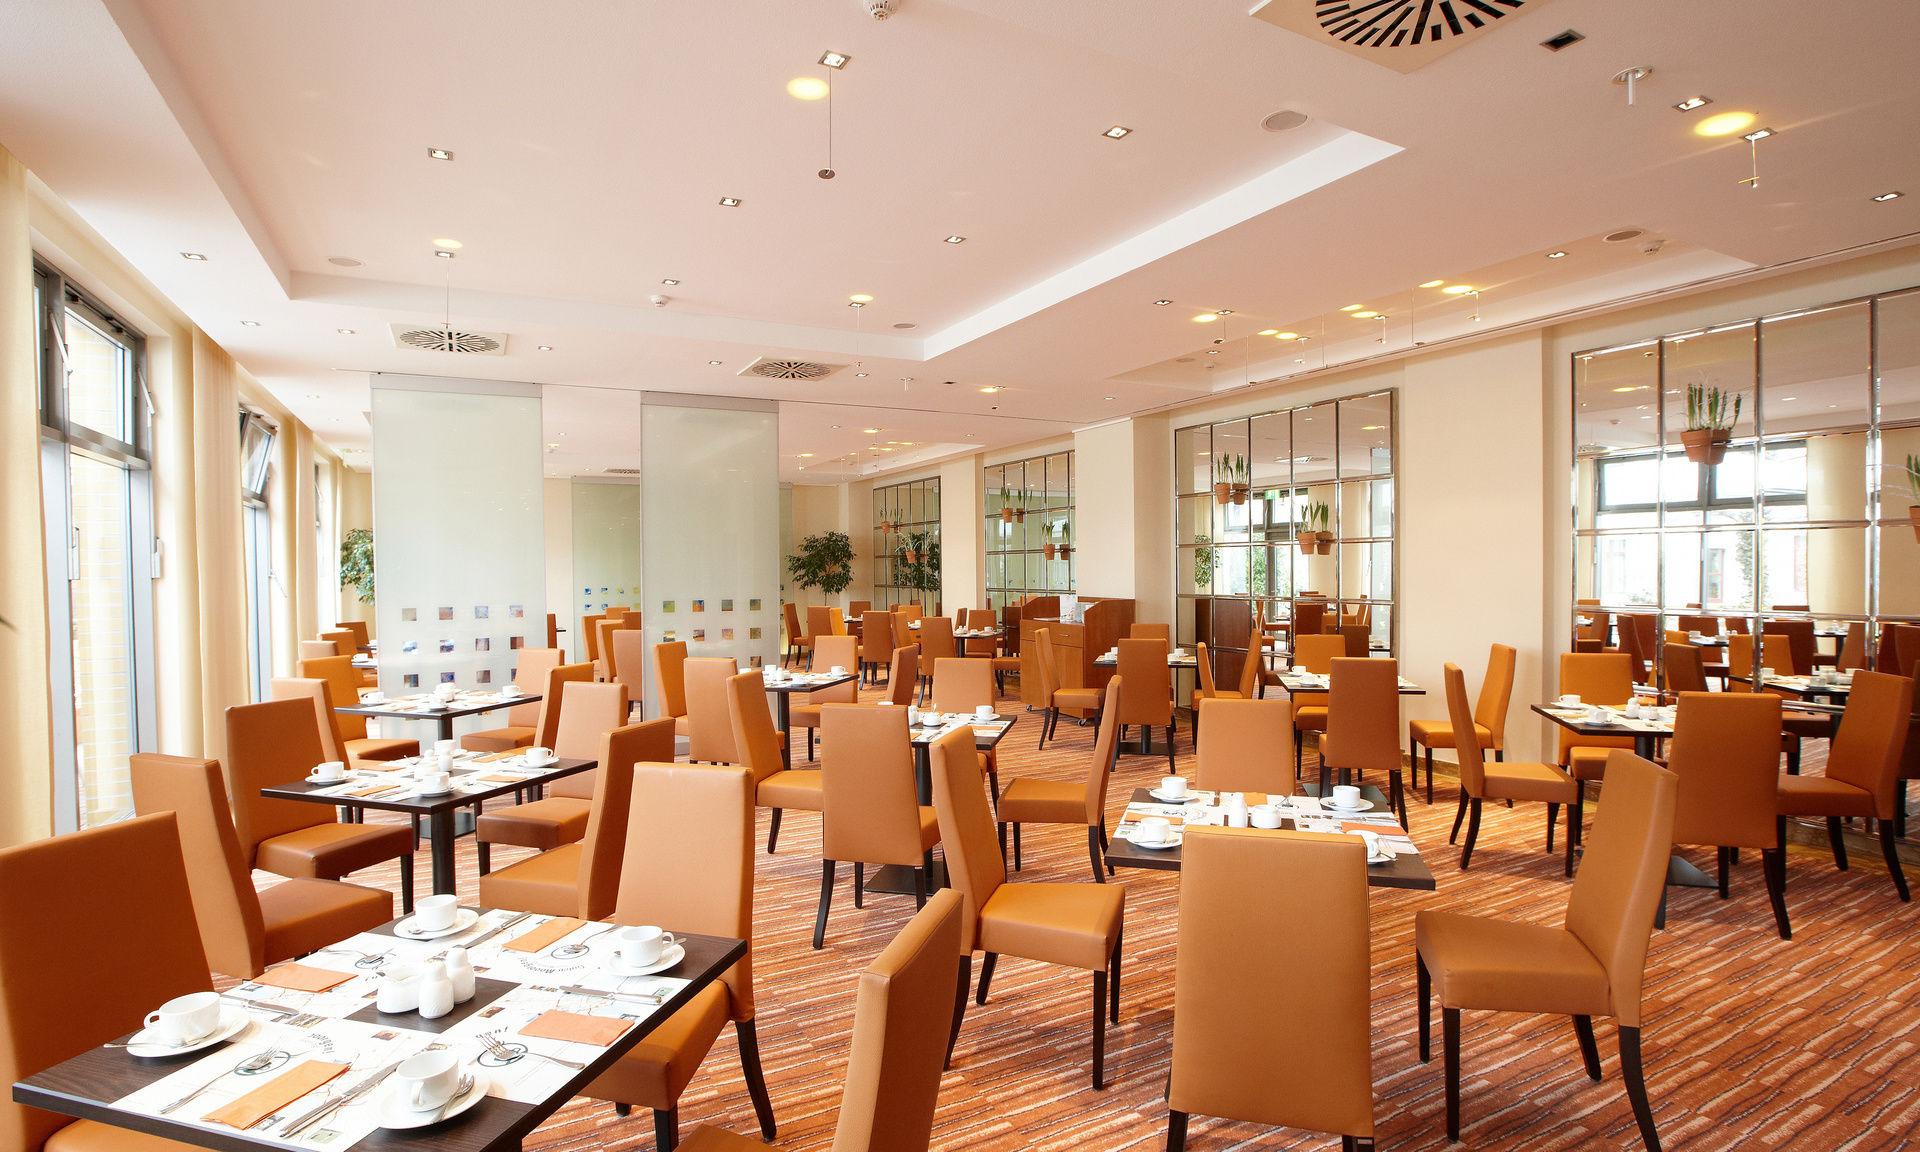 restaurants zwickau hotel stadthotel hochzeit heiraten hochzeitslocation tagungshotel. Black Bedroom Furniture Sets. Home Design Ideas